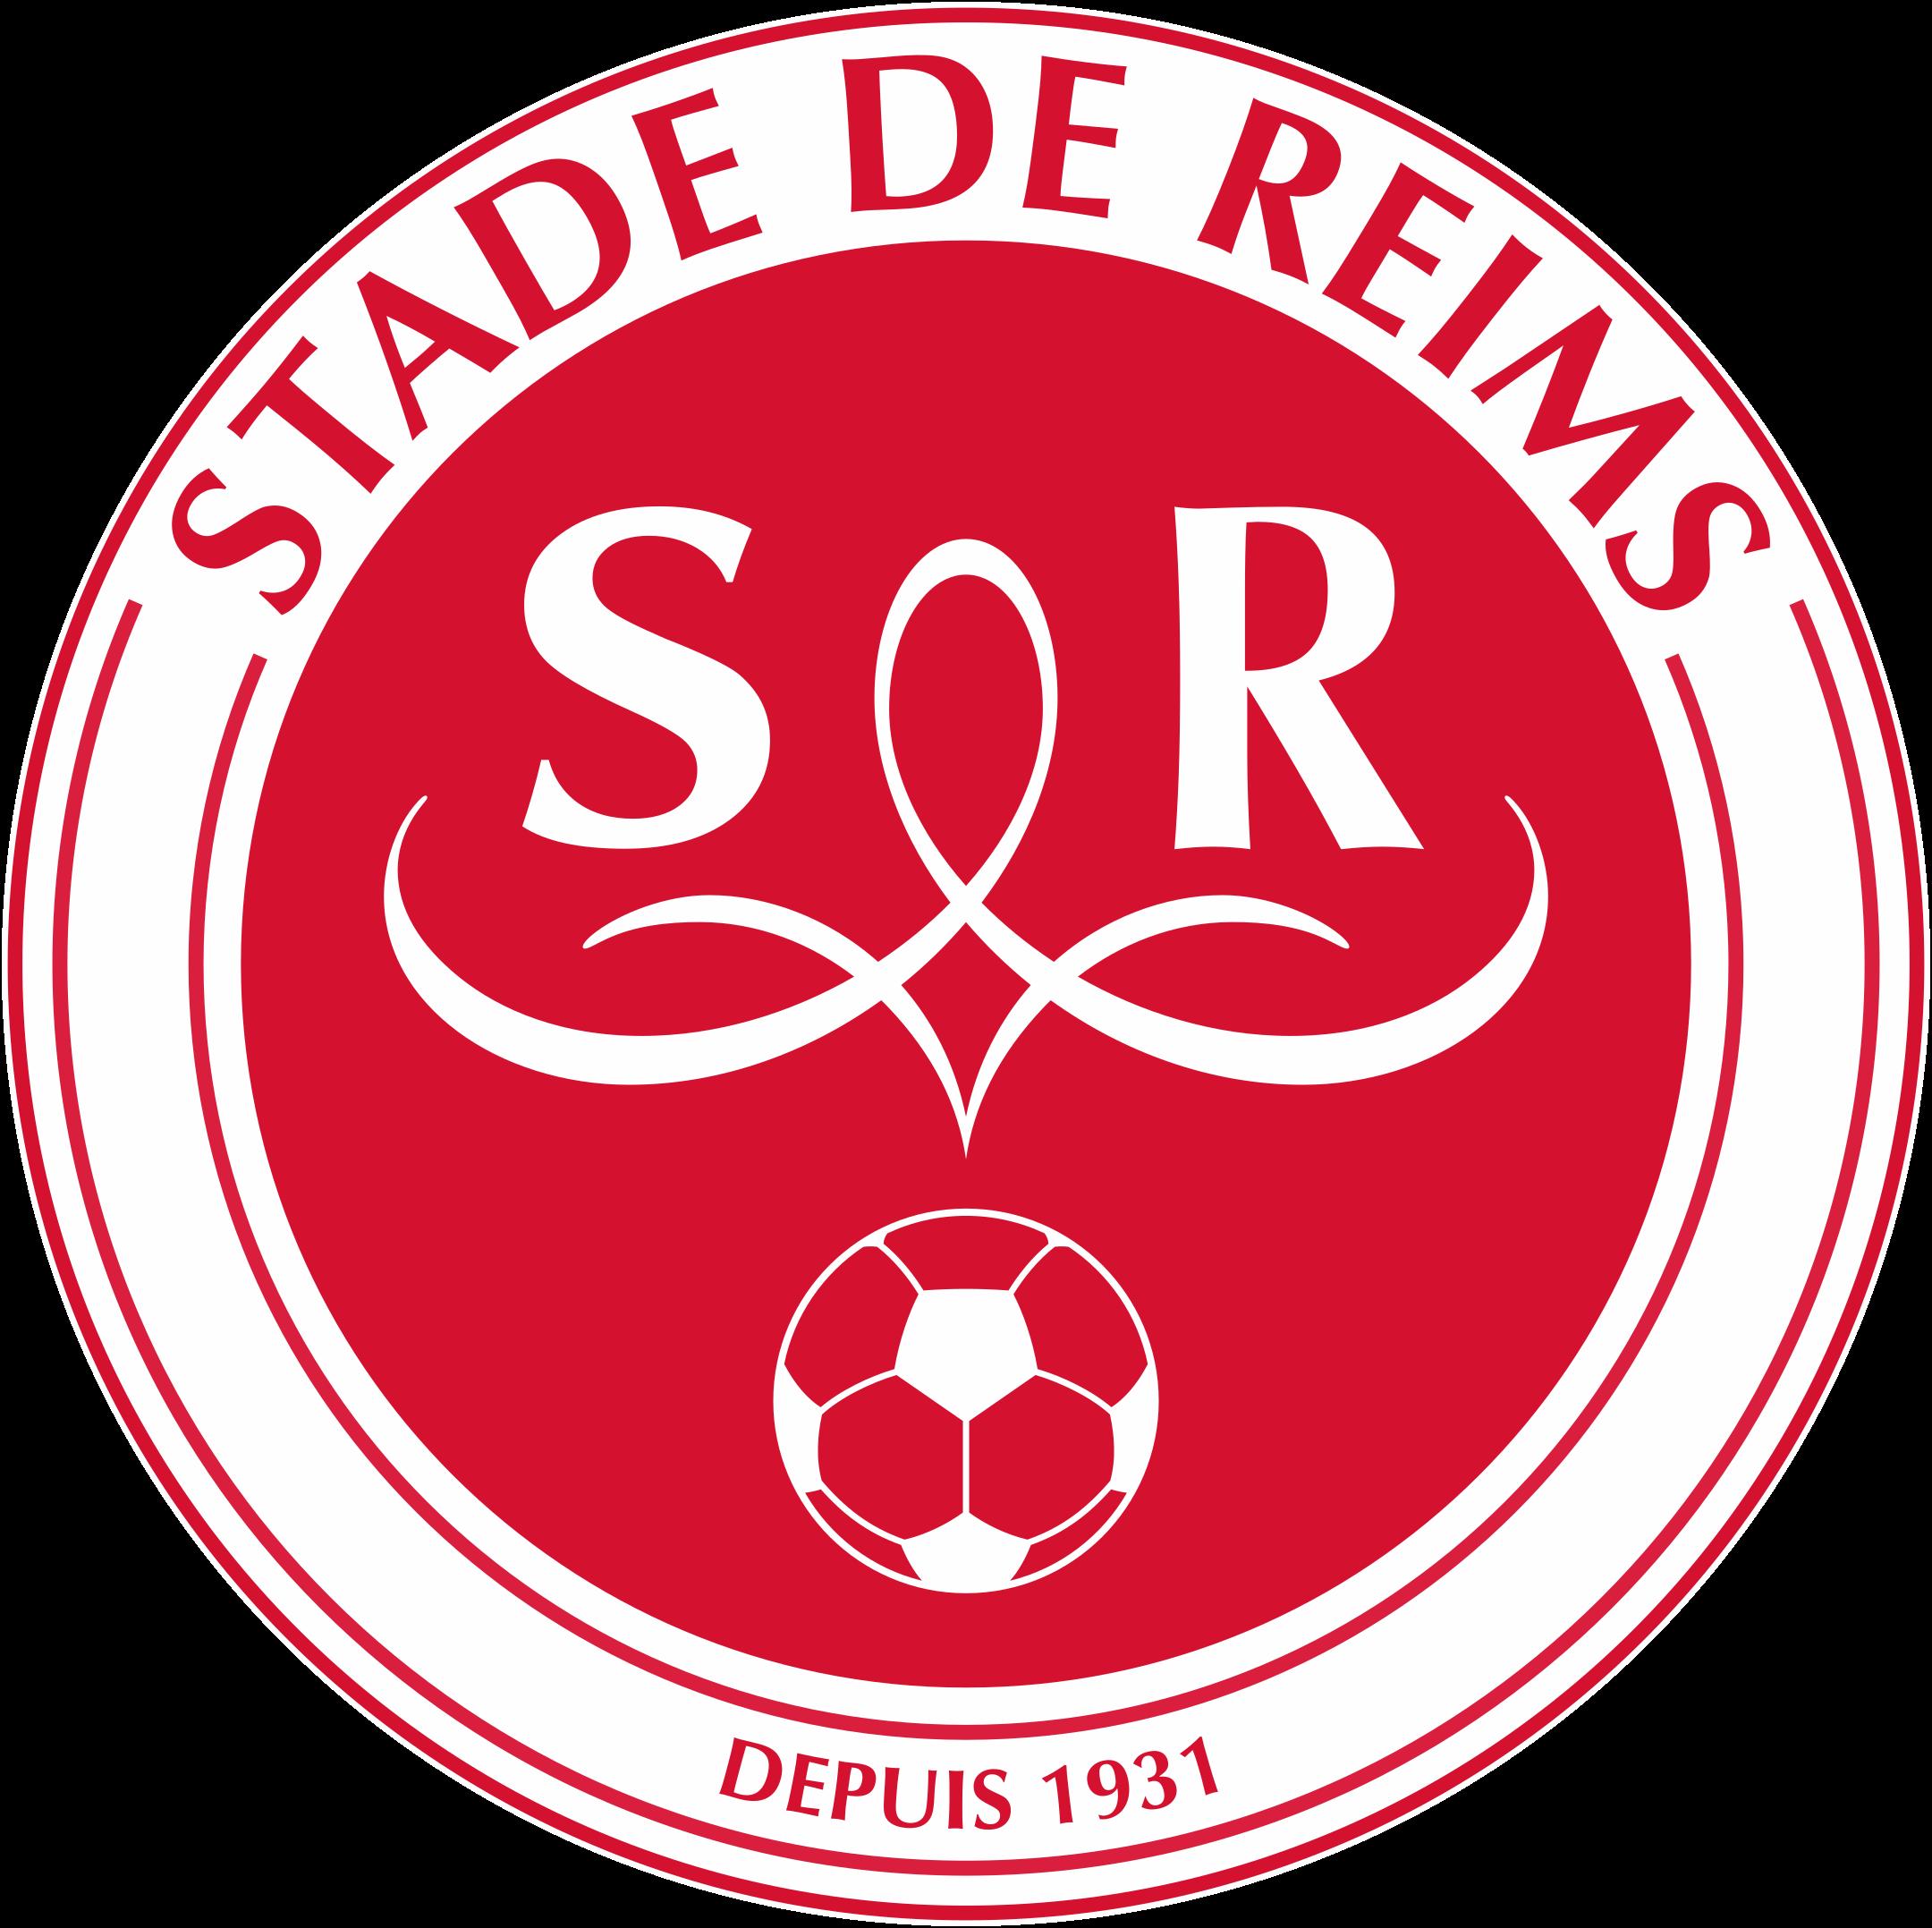 stade de reims logo 1 - Stade de Reims Logo